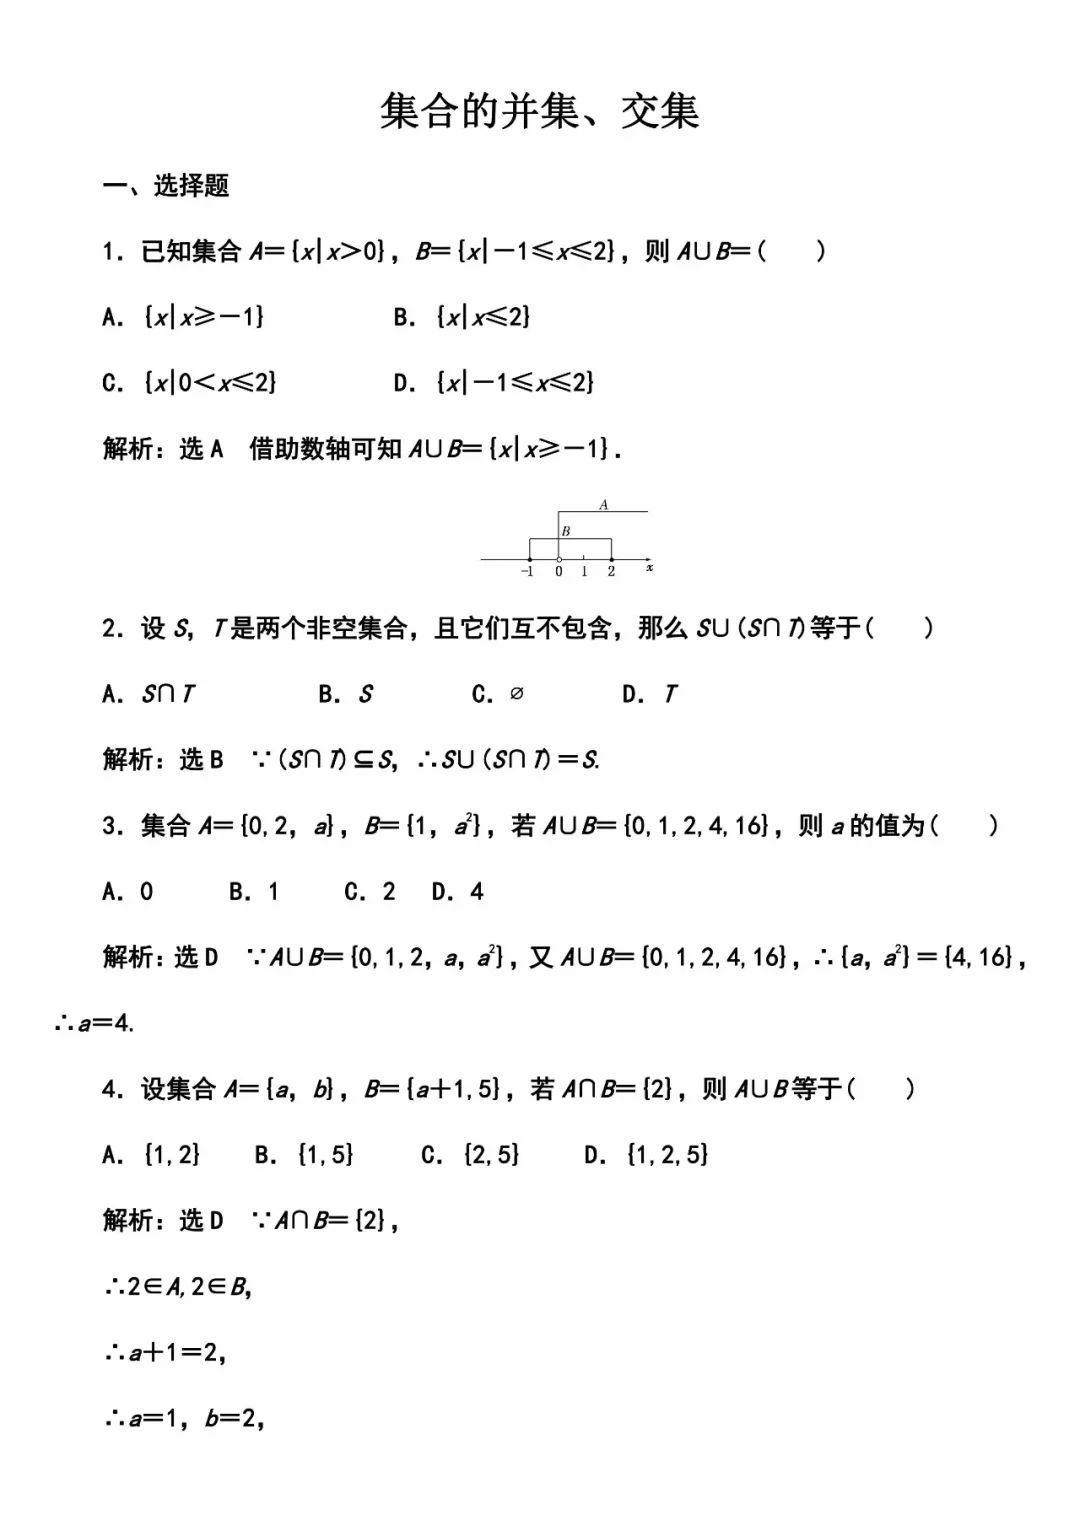 【必修一】高中数学必备知识点:7.交集和并集的运算练习题